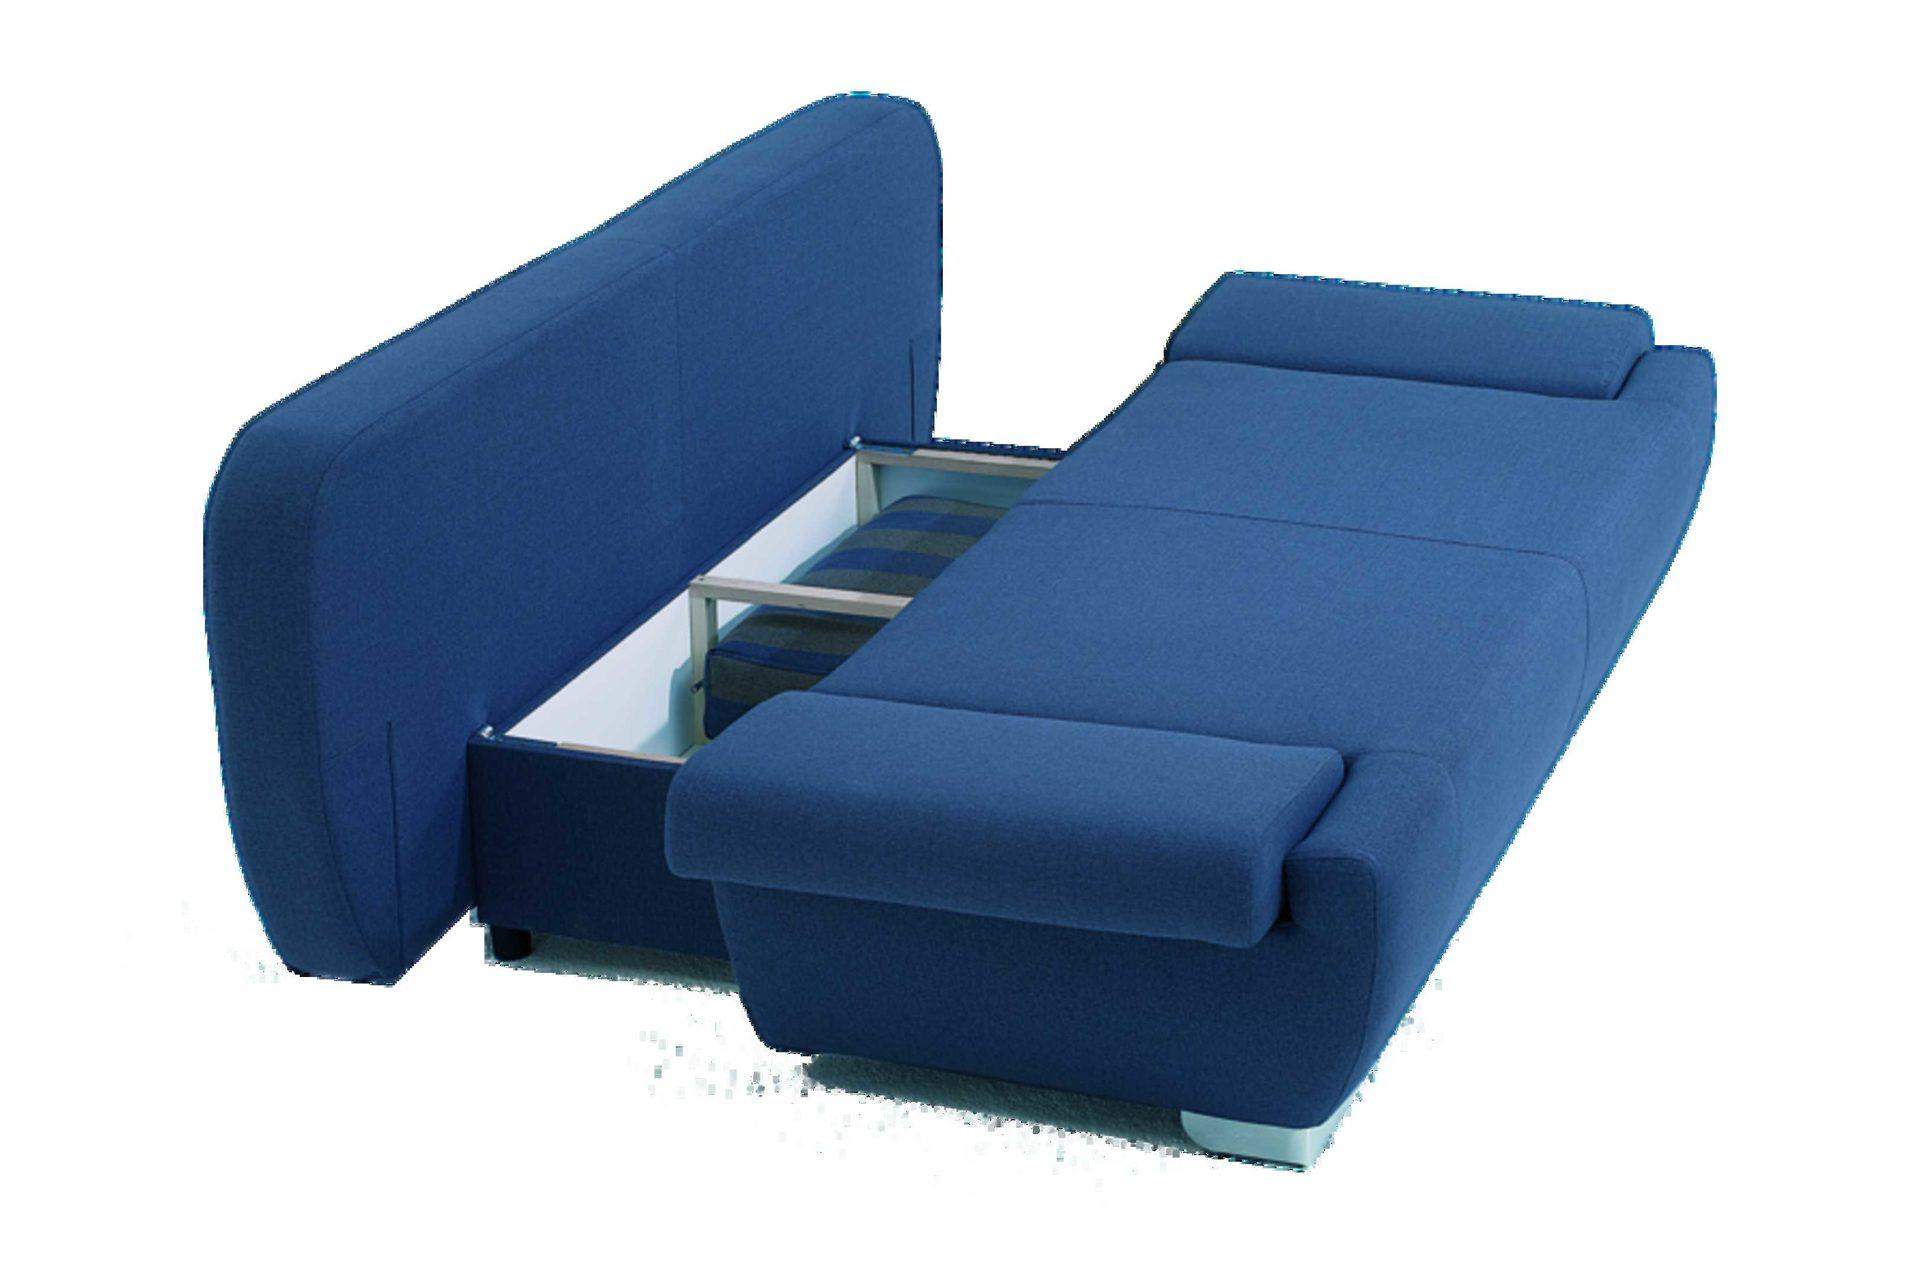 Sofabett für jugendzimmer  Schlafsofa Jugendzimmer | Jtleigh.com - Hausgestaltung Ideen